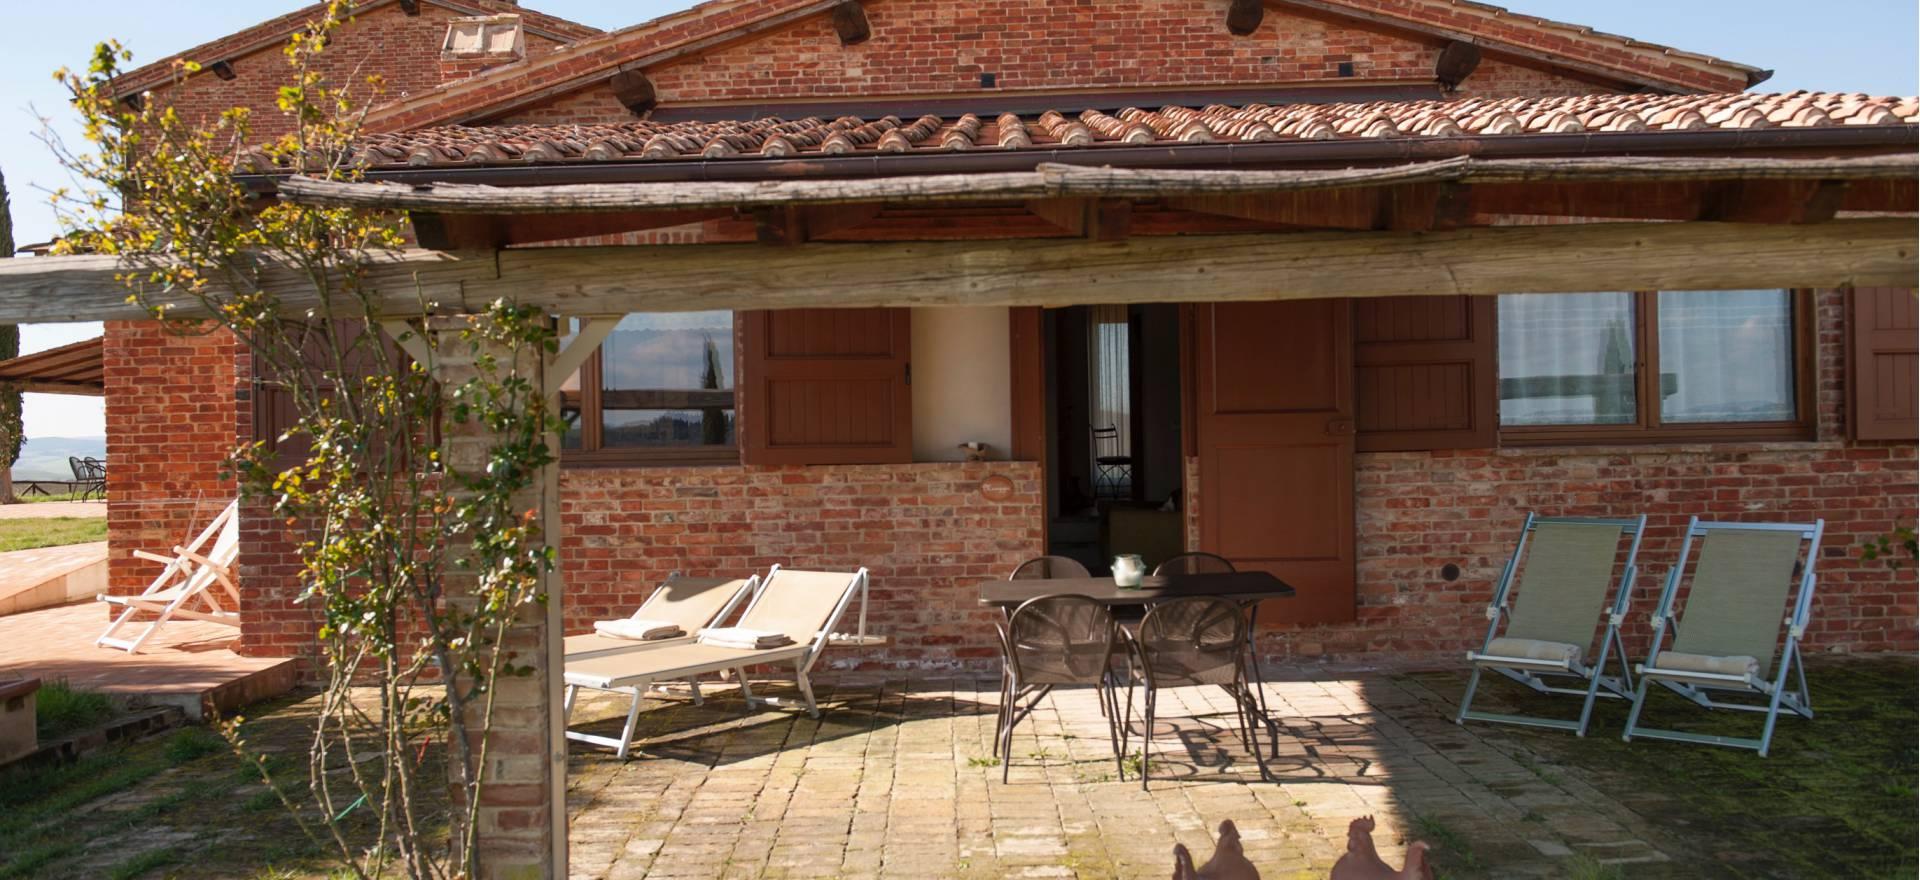 Agriturismo Toscane Luxe agriturismo Siena voor rust en comfort